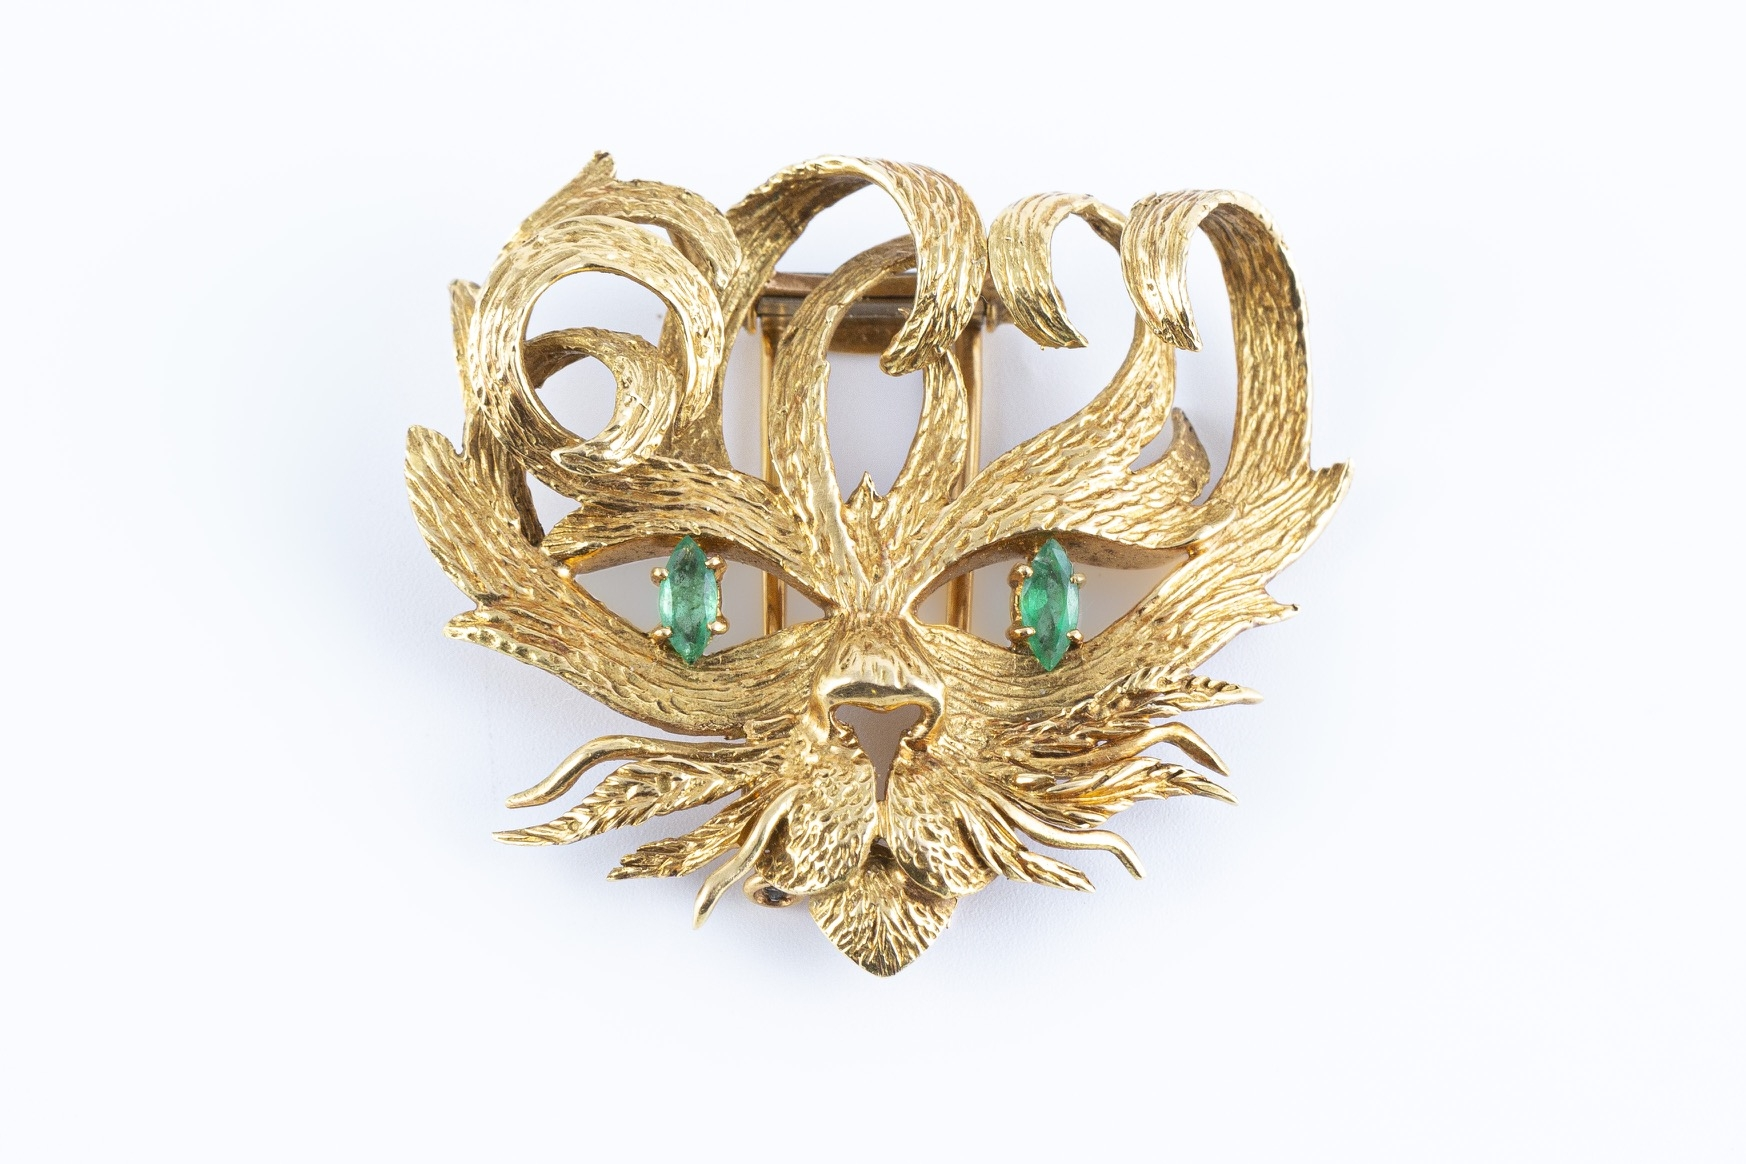 93 - HERMES Paris. Broche tête de lion en or jaune, les yeux sertis de deux petites émeraudes. Adjugé 2640€